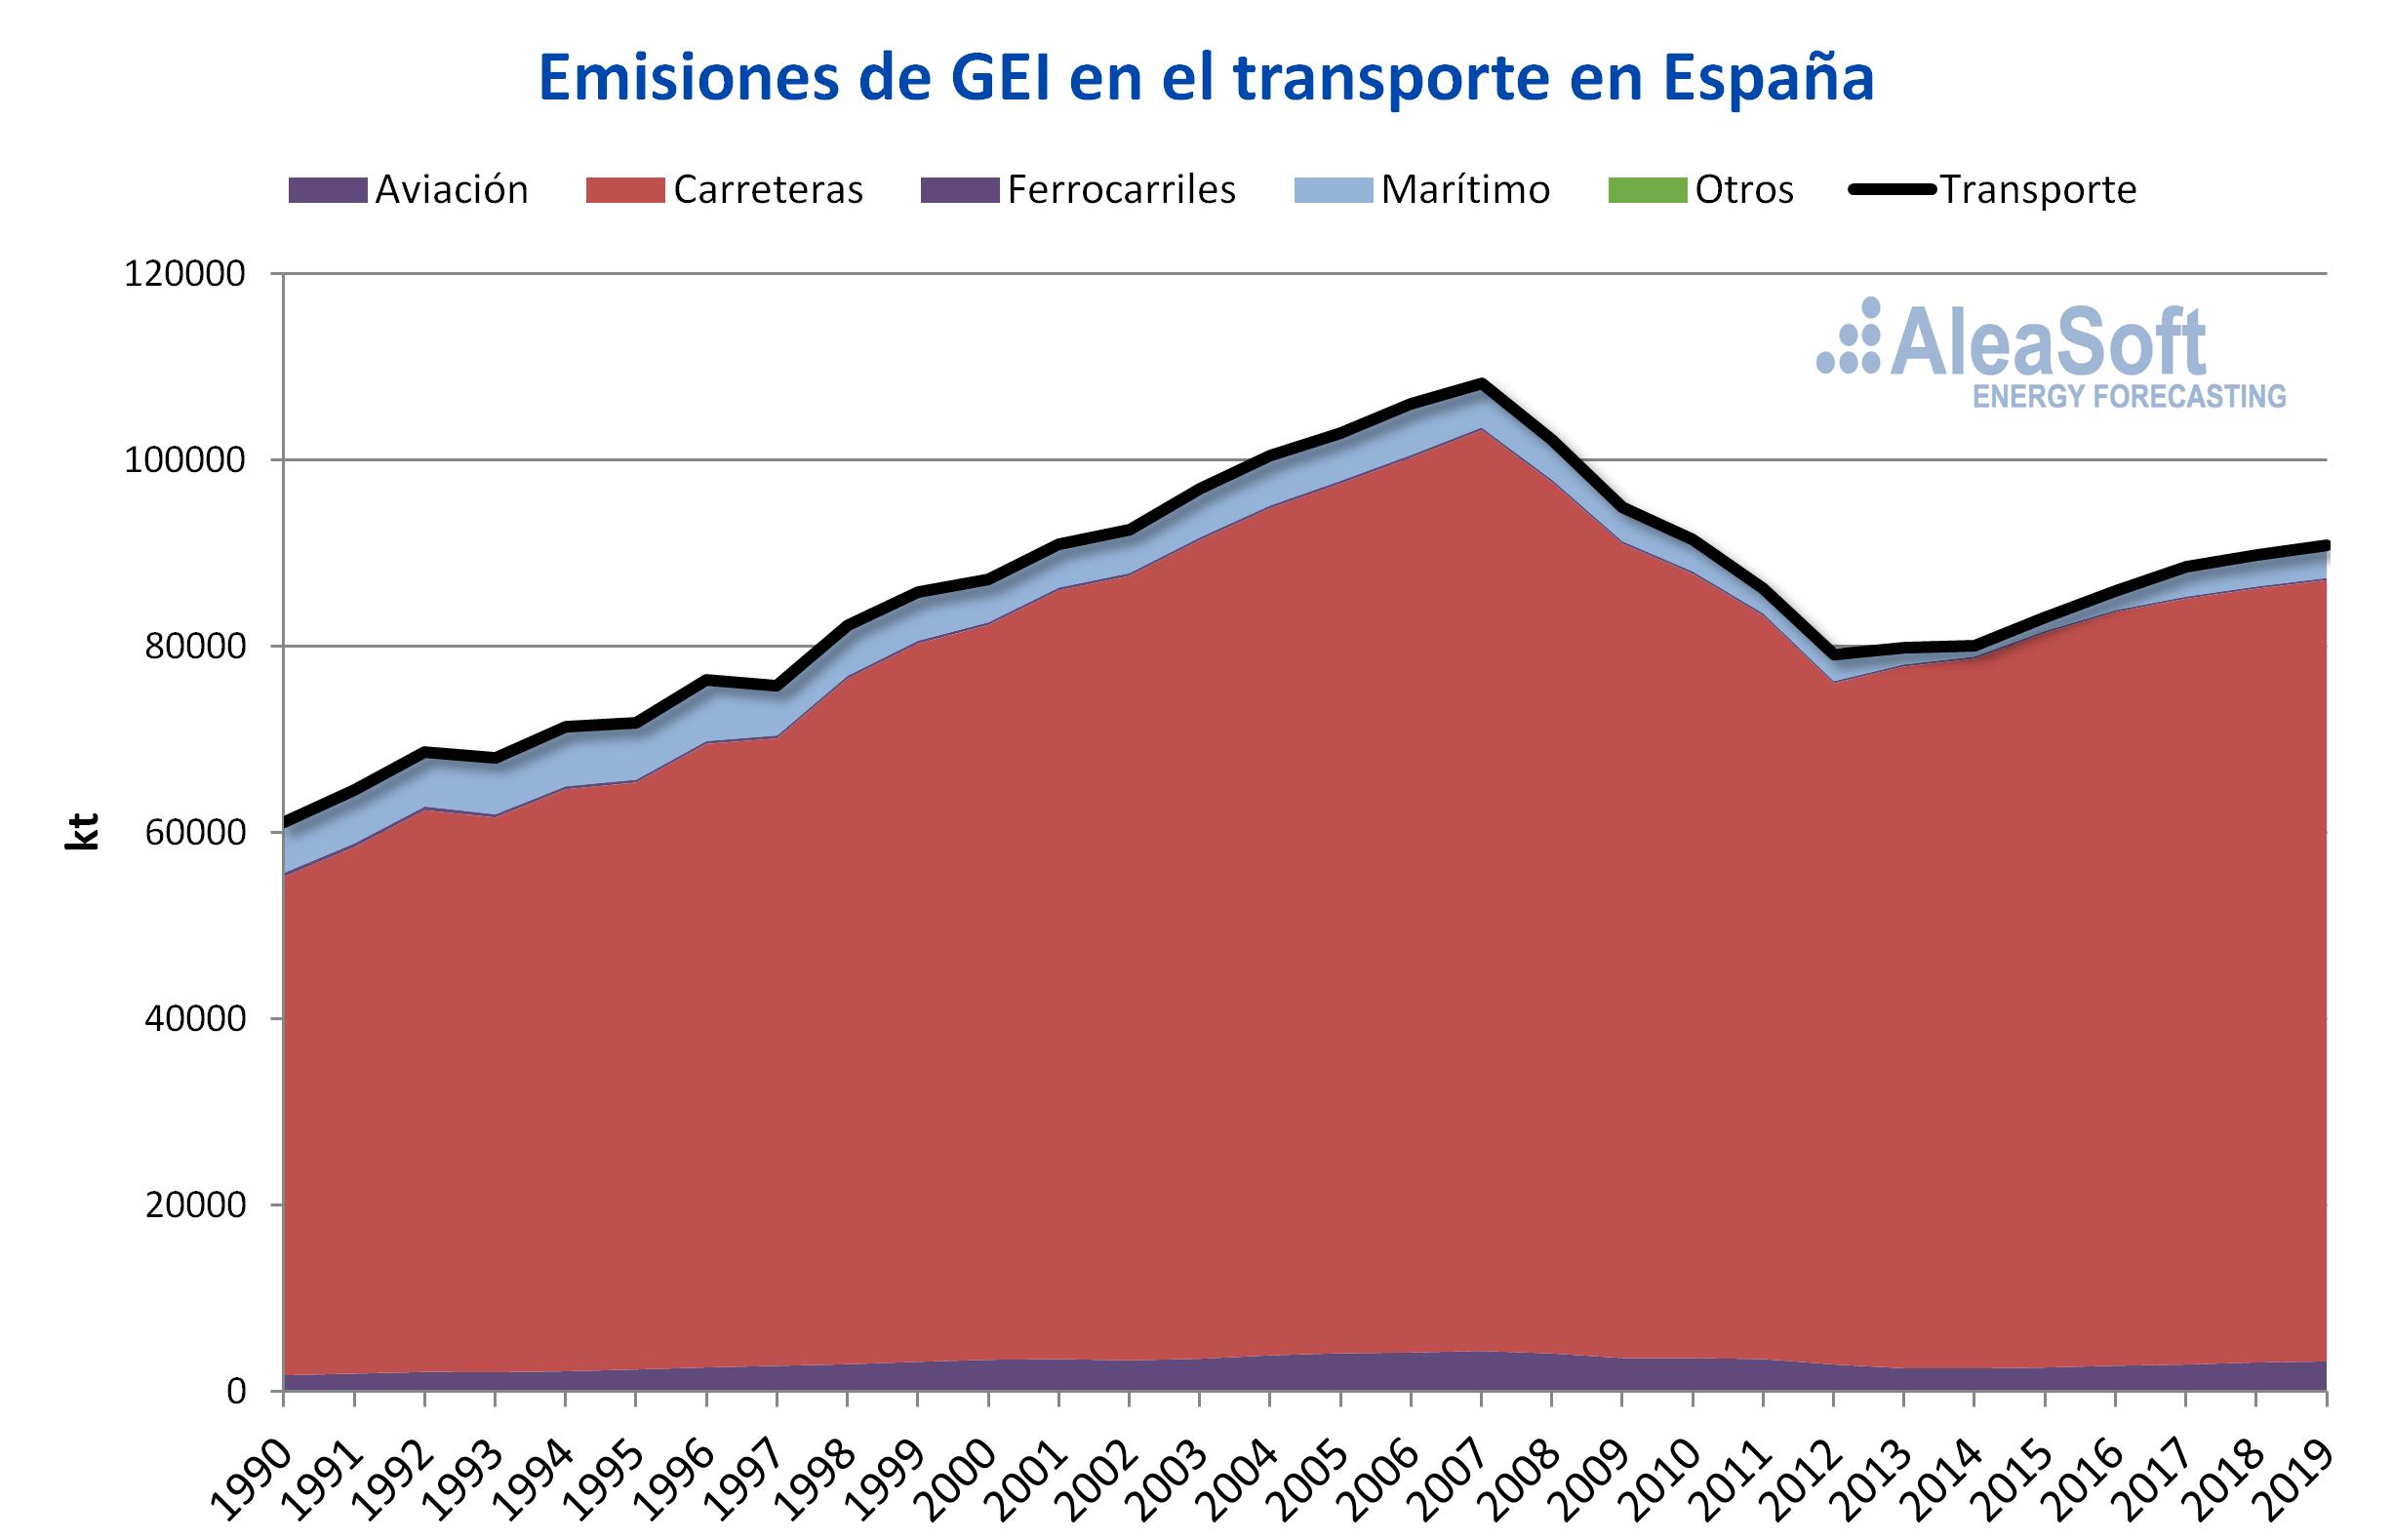 AleaSoft - emisiones gases efecto invernadero transporte Espanna